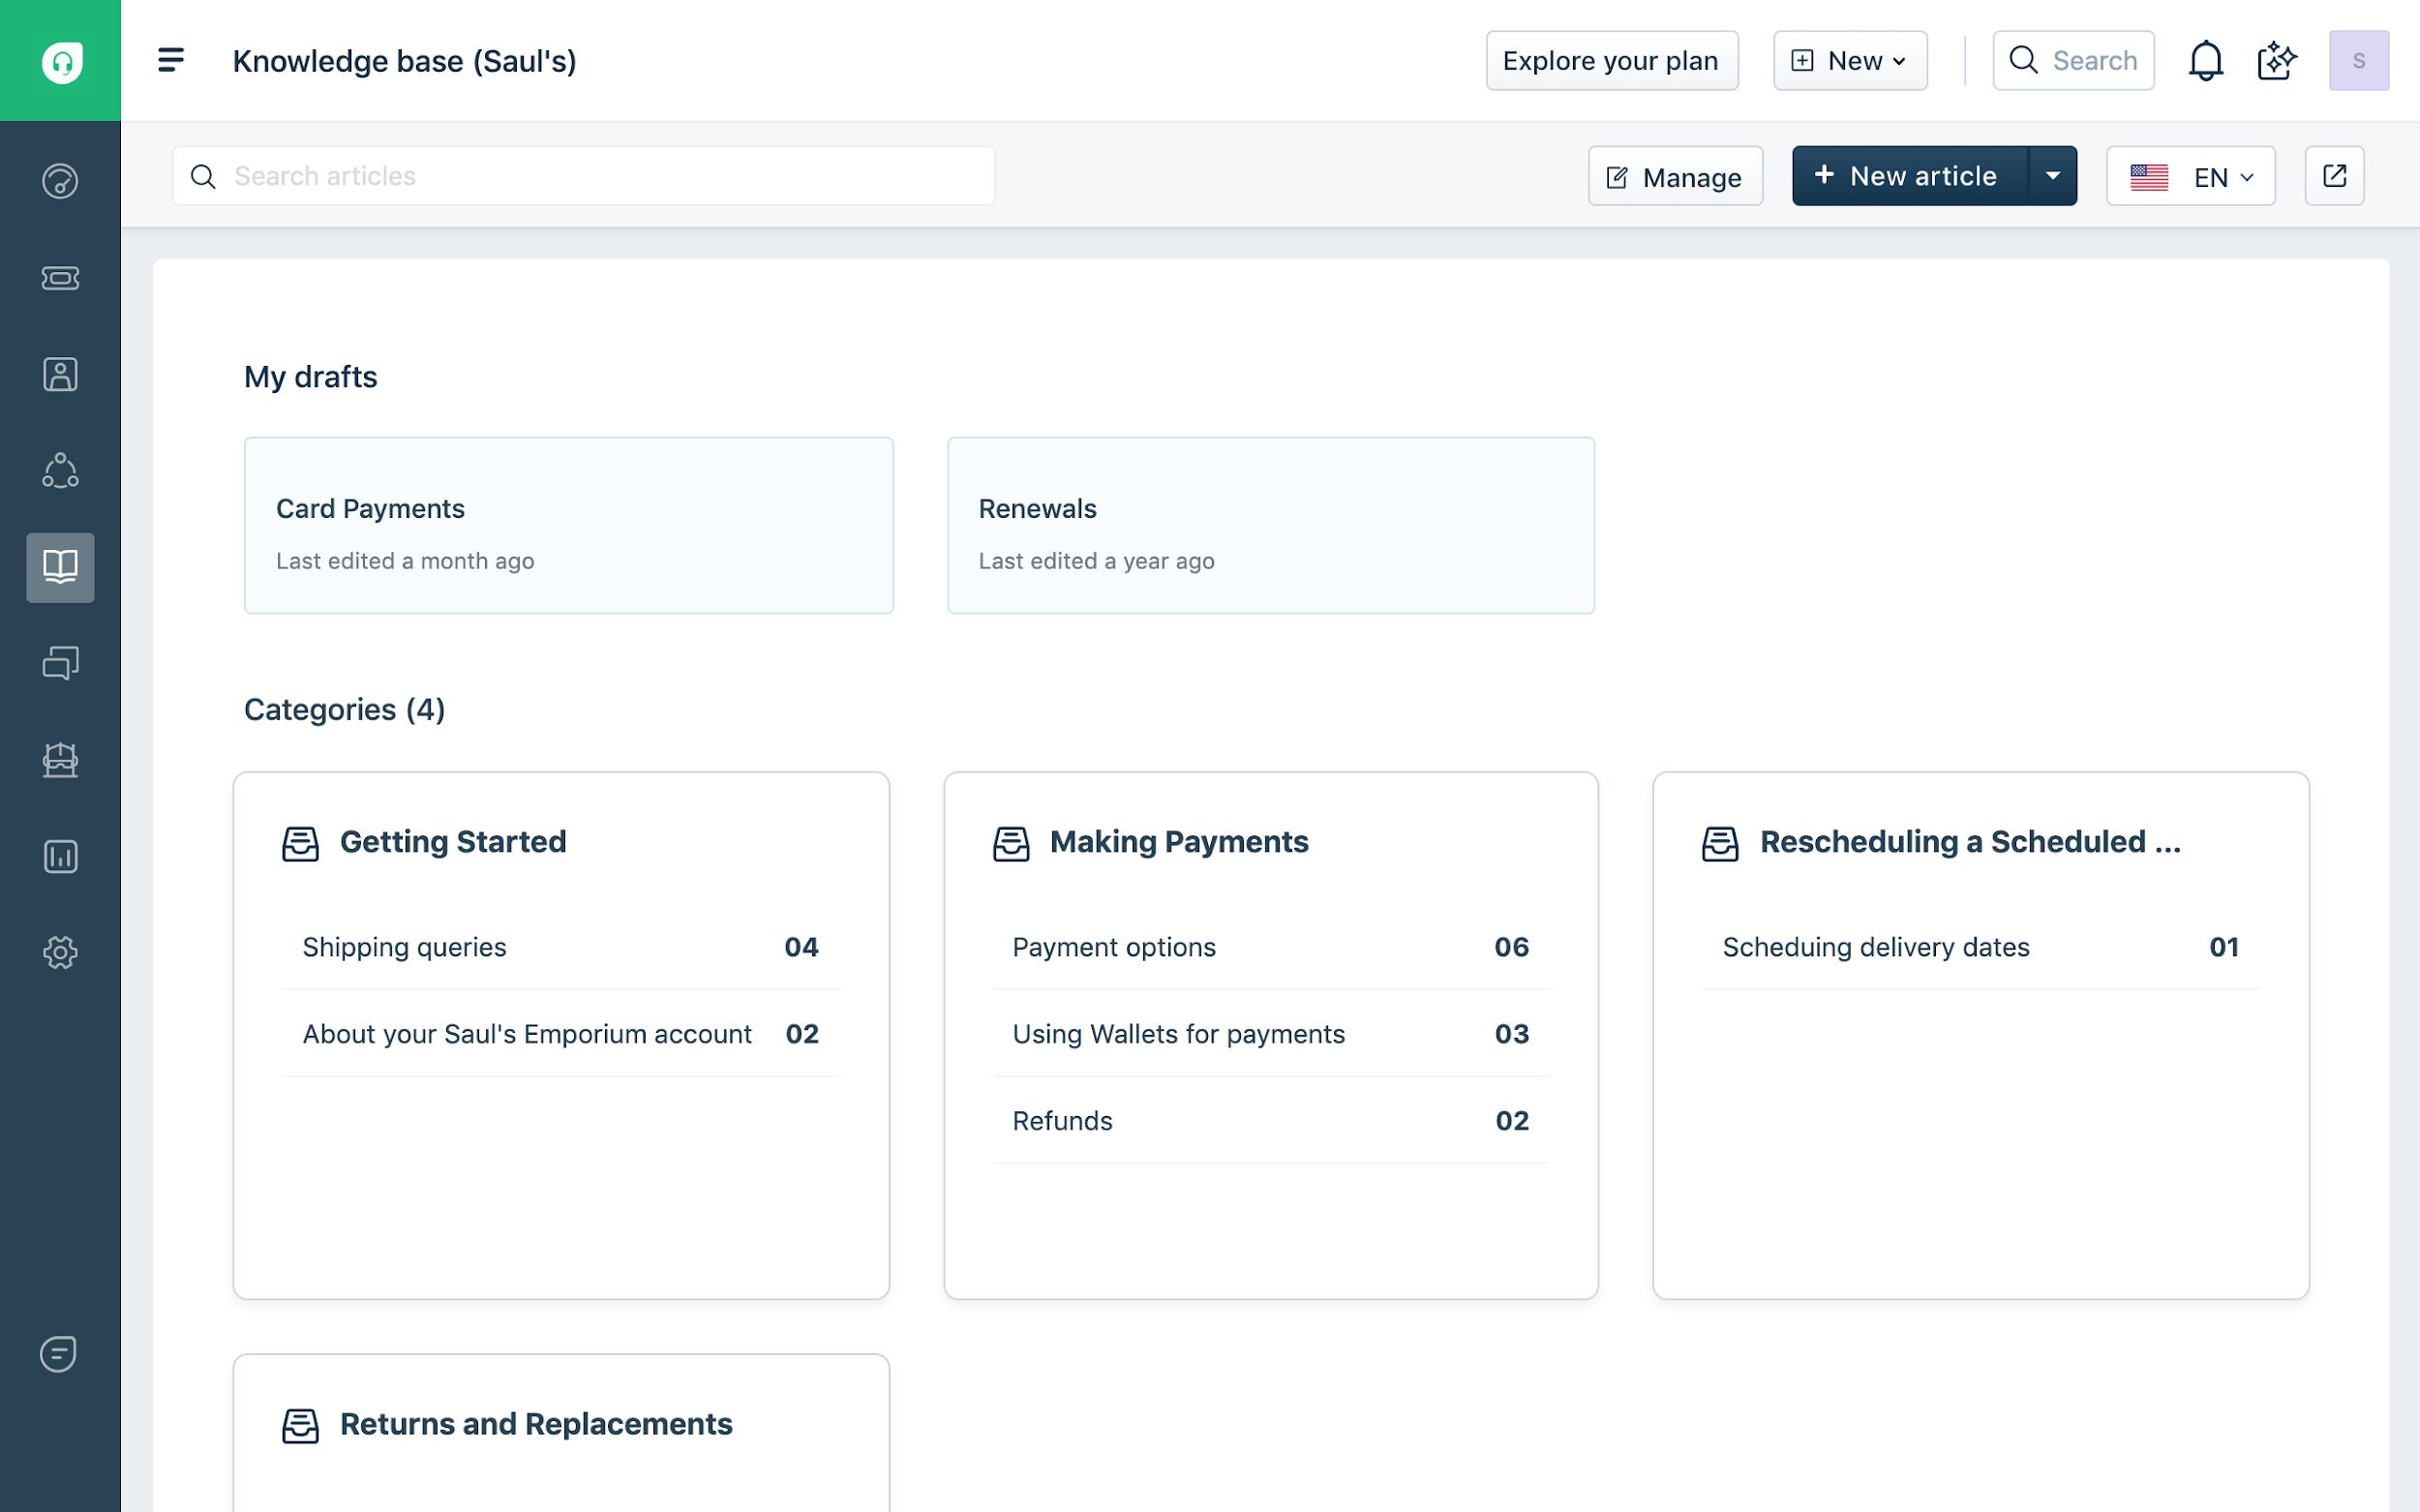 Freshdesk Knowledge base interface